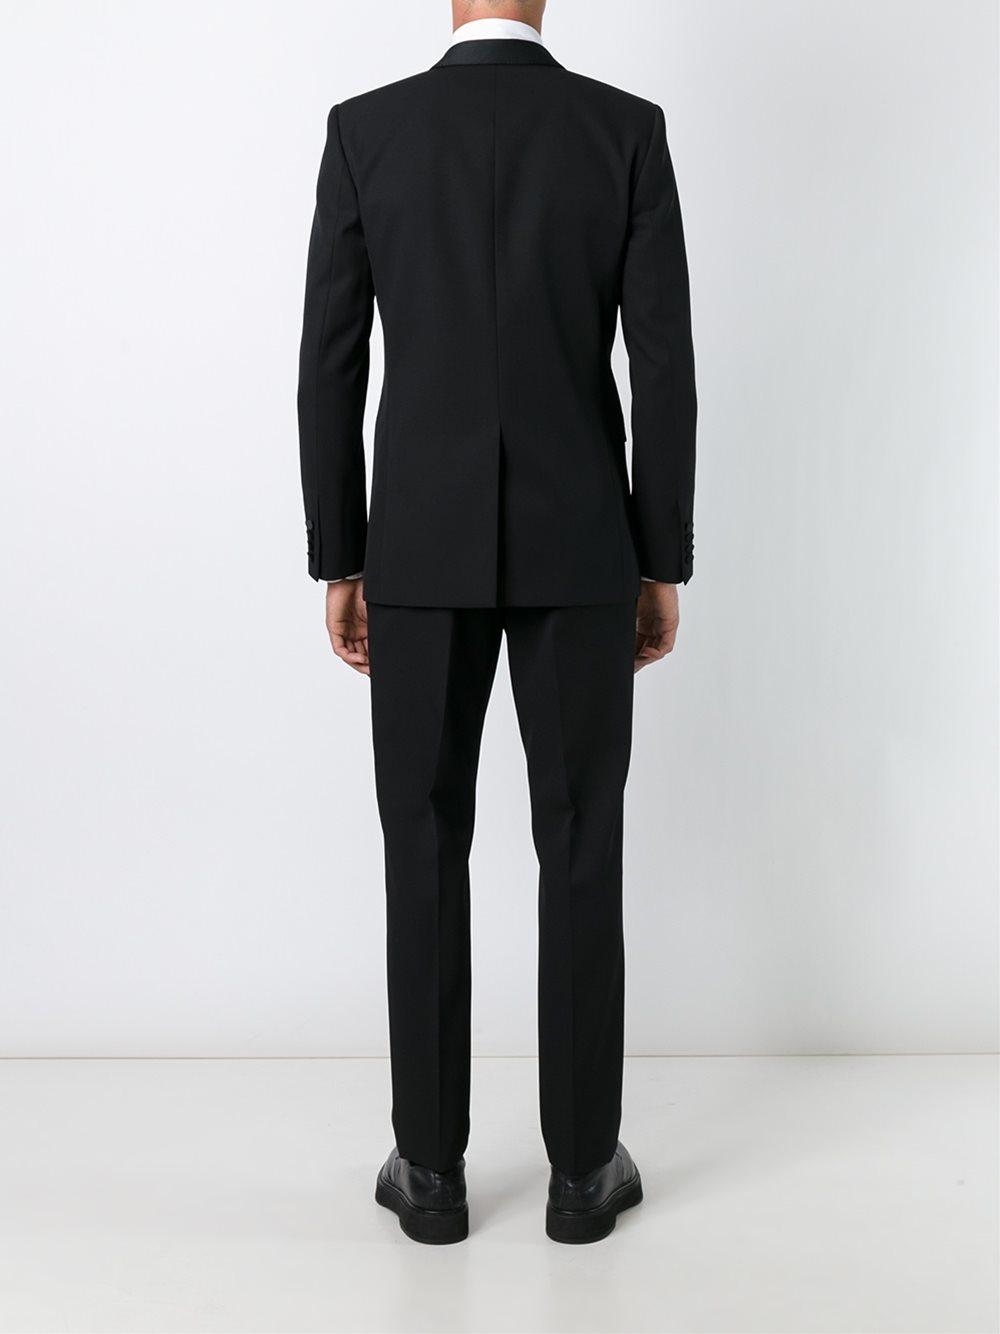 saint-laurent-iconic-le-smoking-suit-4